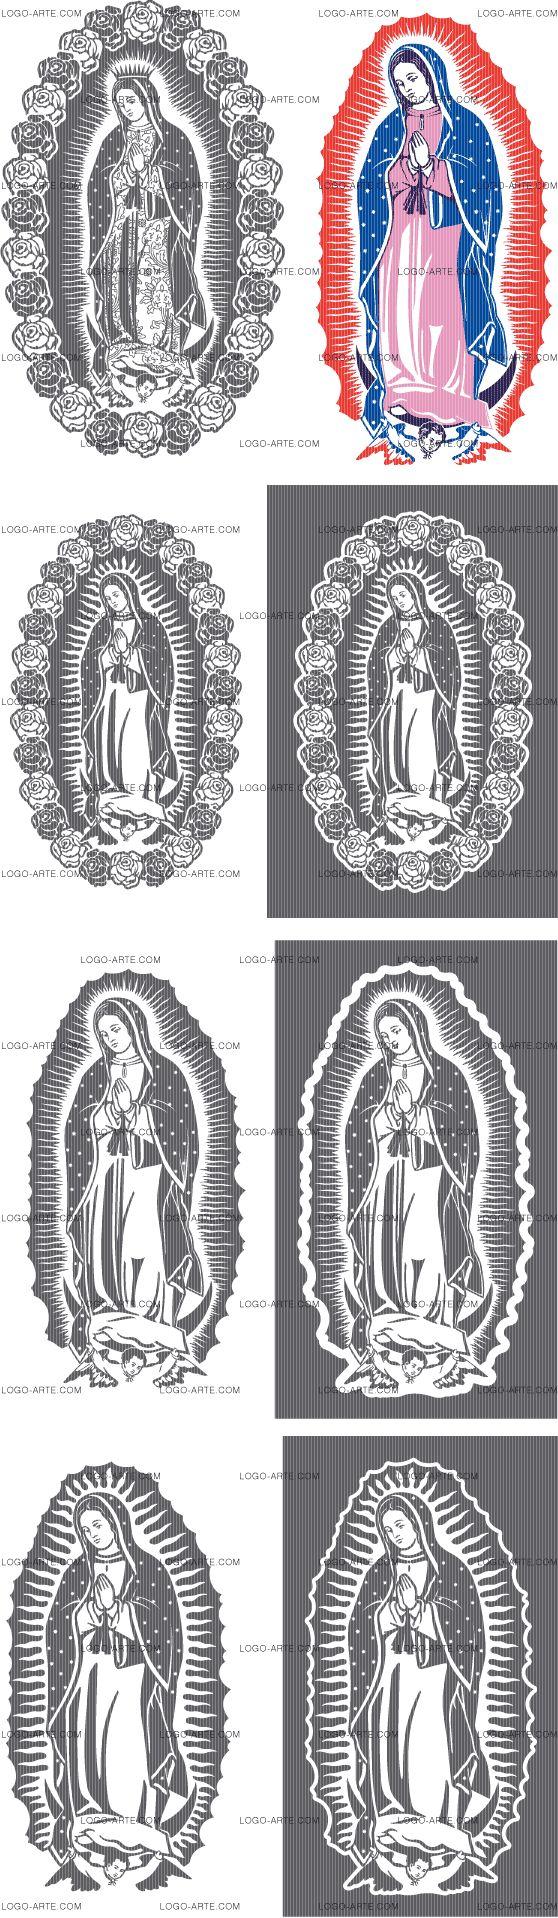 La Virgen de Fátima vectorizada para cortar en plotter, grabado e impresión.